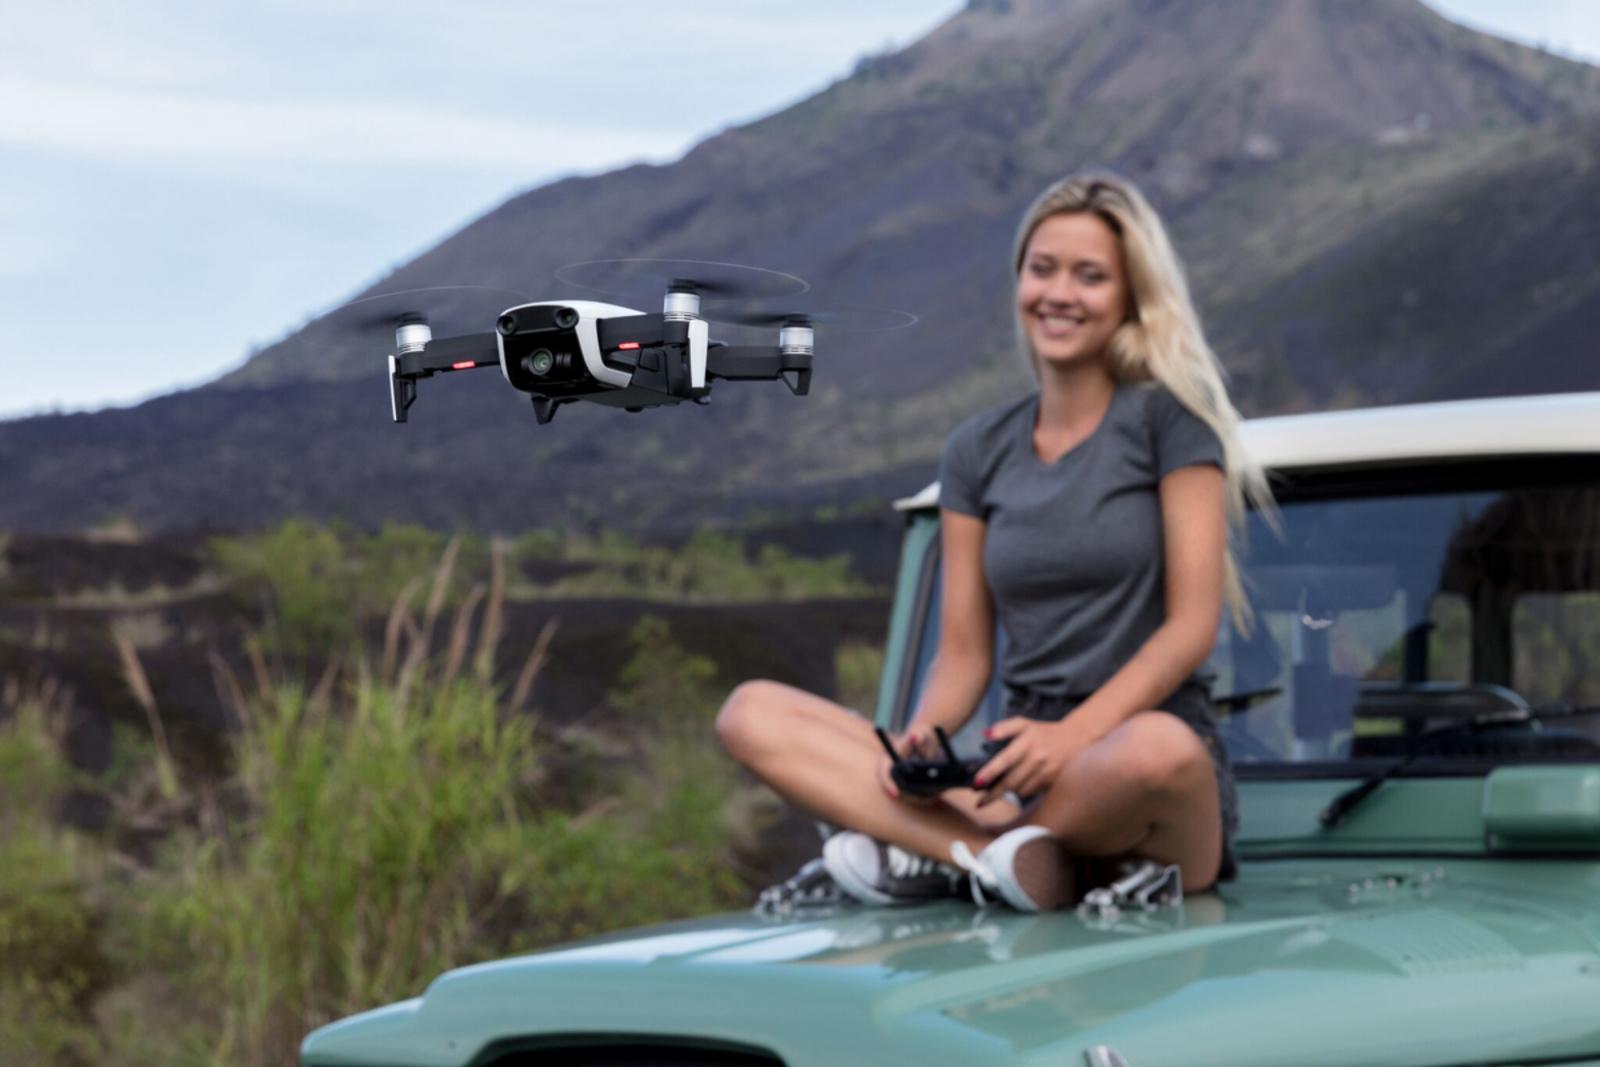 DJI Mavic Air - это компактный и высокотехнологичный дрон, который сохраняет 12 Мп фото и 100 Мбит/с 4К видео